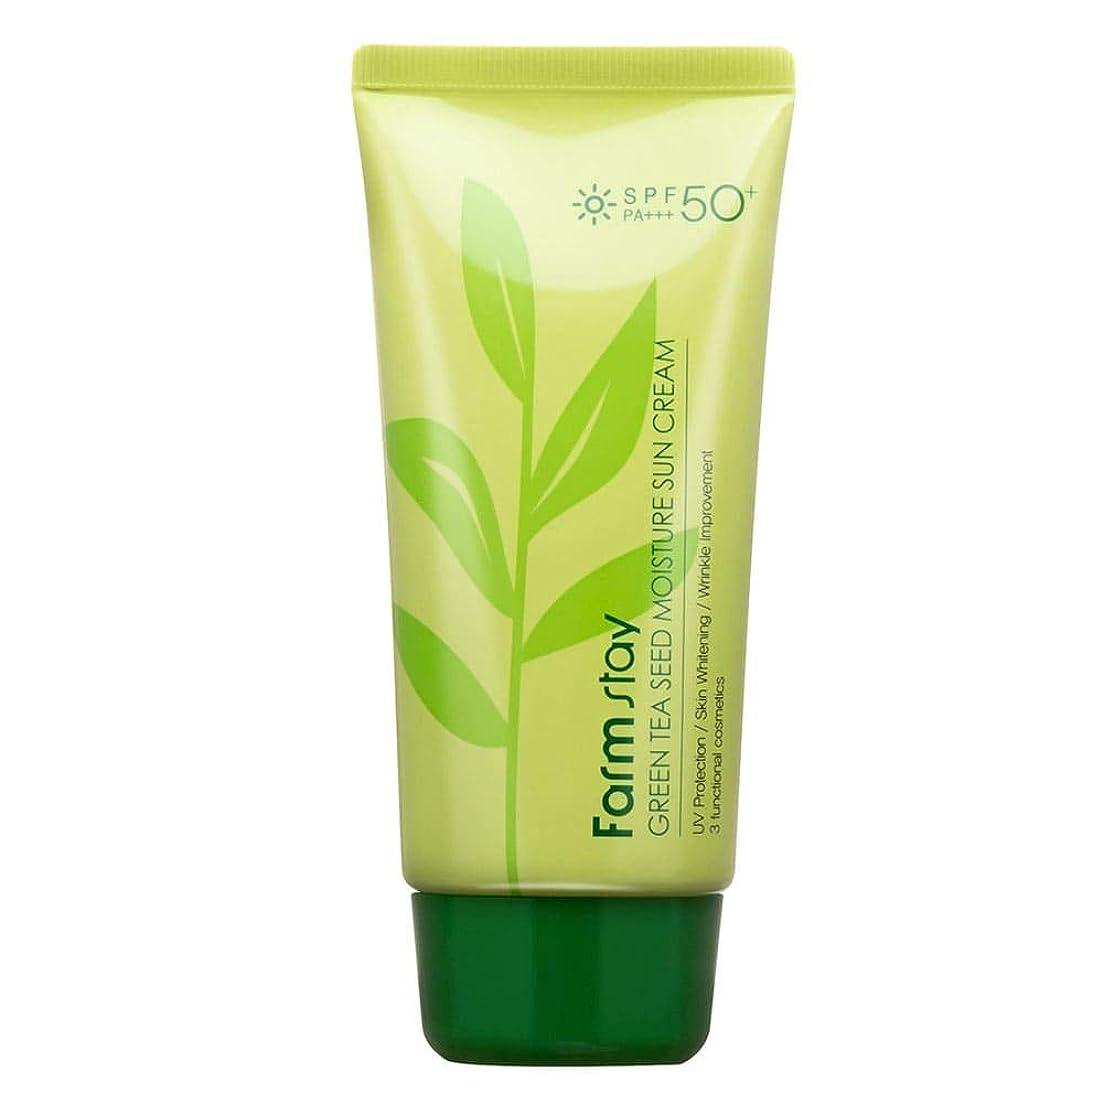 出口幸運なことにチャームファームステイ[Farm Stay] グリーンティーシードモイスチャーサンクリーム 70g (美白&しわ防止) / Green Tea Seed Moisture Sun Cream